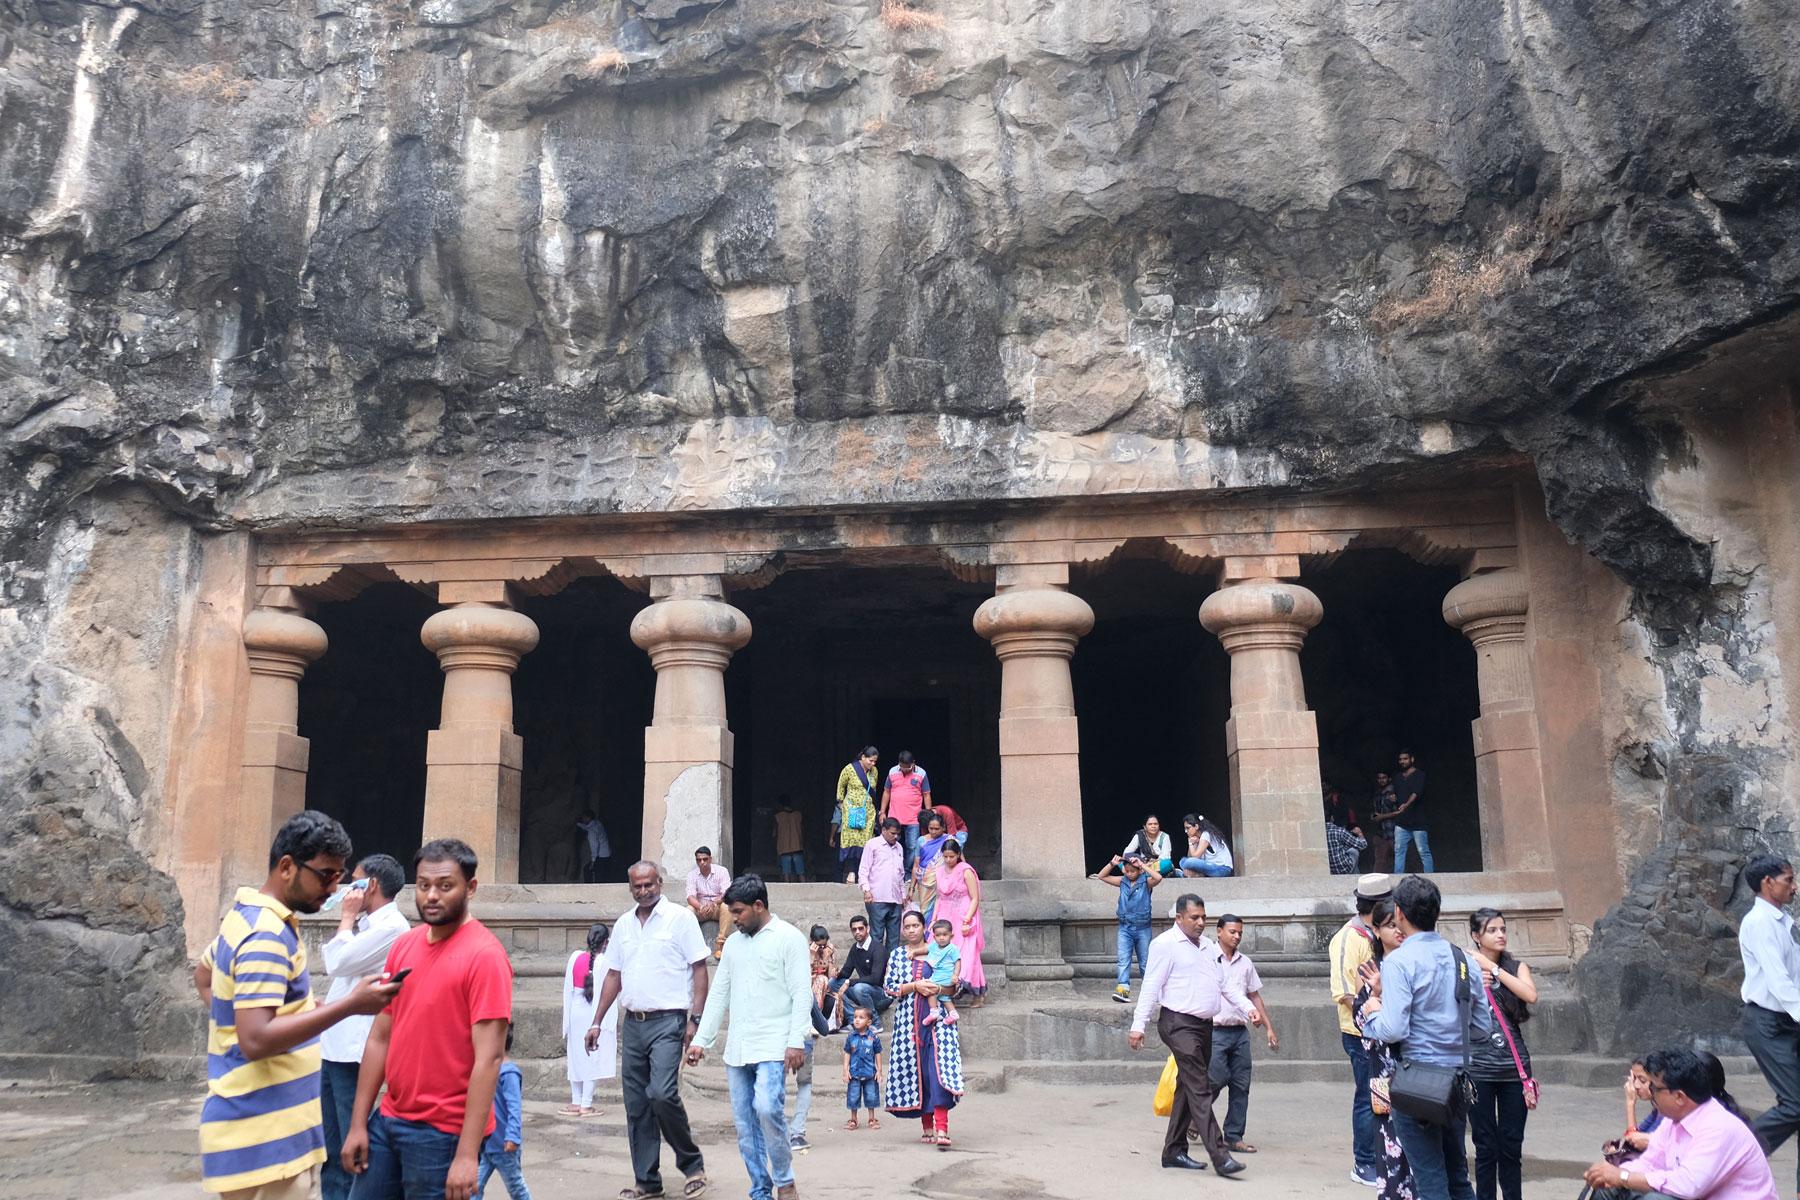 Indische Menschen vor dem Eingang zu den Elephanta Caves.